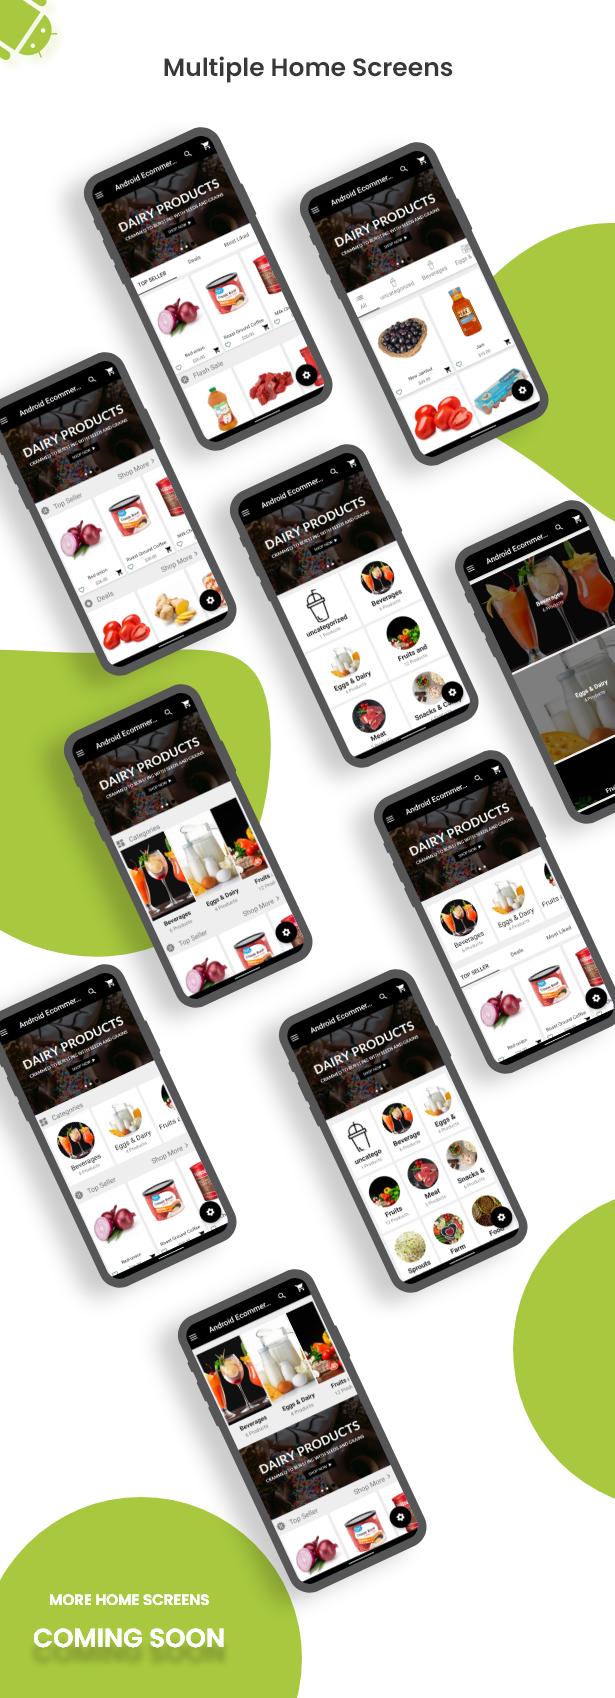 Android Ecommerce - Aplicativo móvel completo de loja / comércio eletrônico Android universal com Laravel CMS - 11